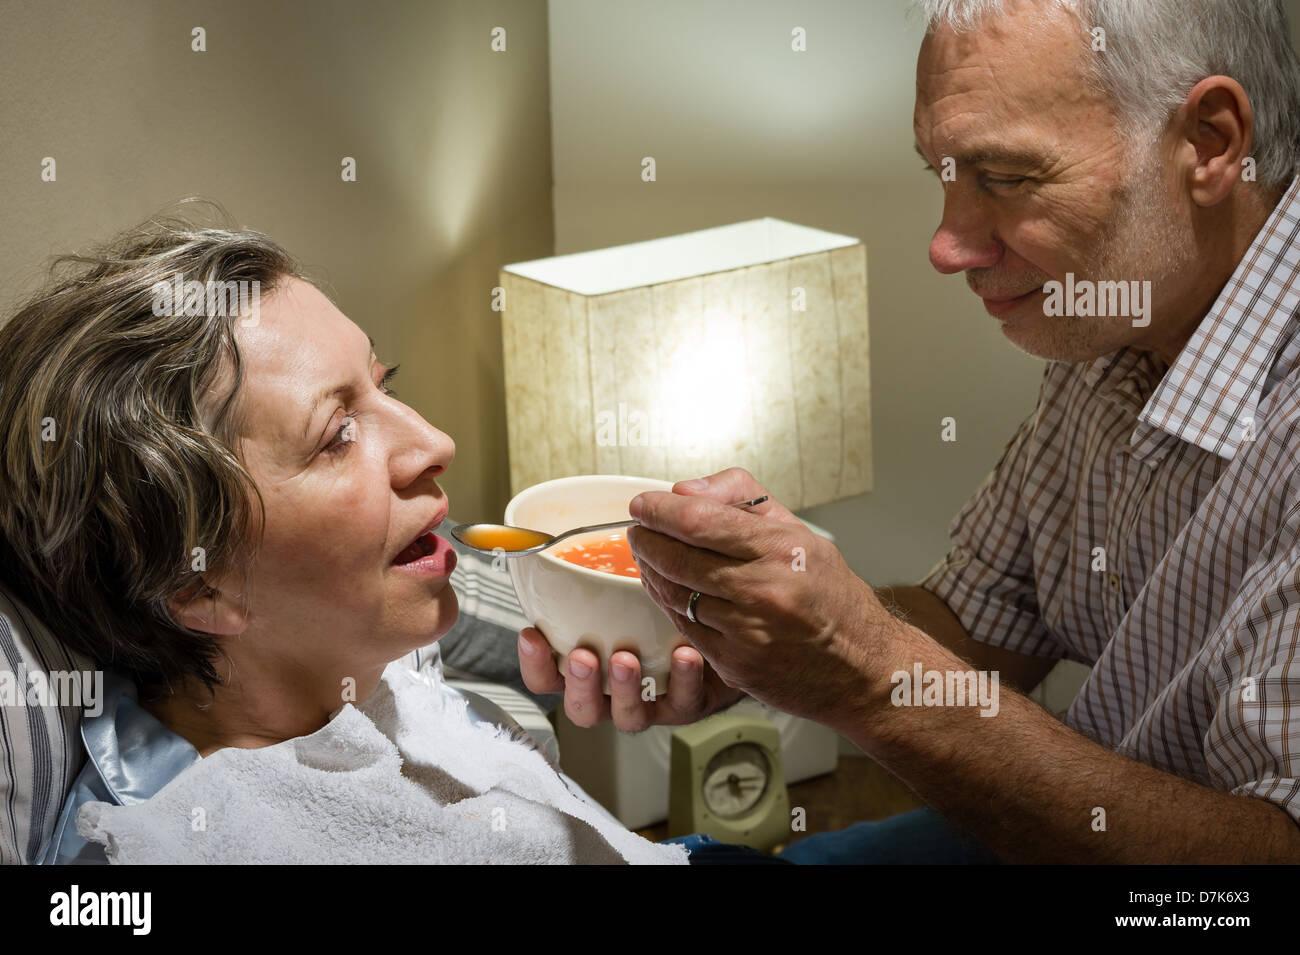 Lieben Mann Fütterung seiner kranken Frau mit Suppe im Ruhestand Stockbild